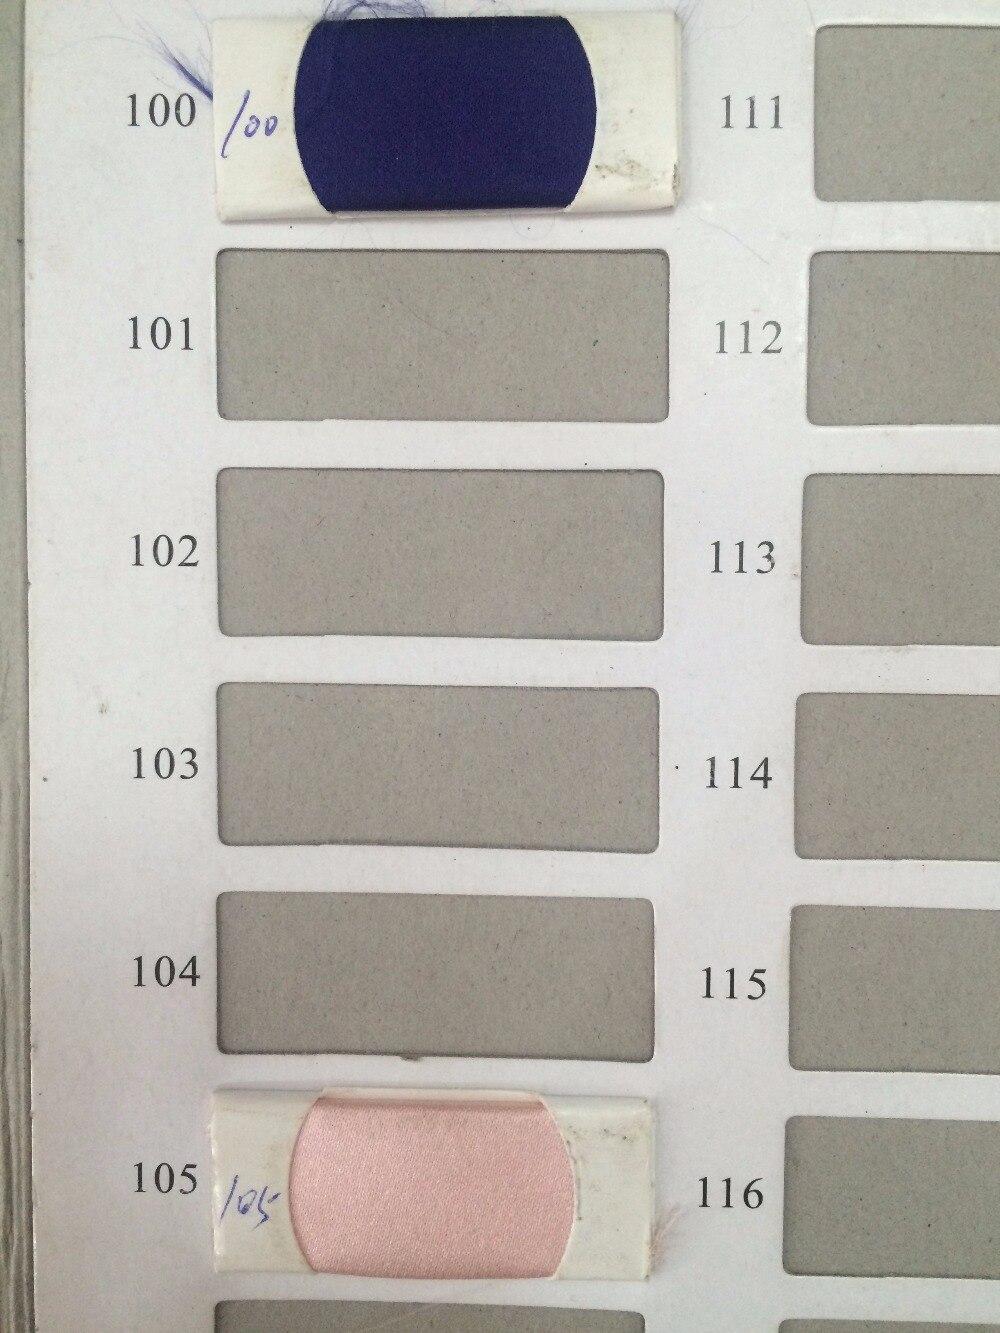 Charming Scoop Leher Lace Appliques Panjang Evening Dresses 2018 Tas Anyaman Kulit Asli Chameo Couture Opal Rantai Brown Cream Cokelat Muda Silahkan Hubungi Kami Jika Anda Memiliki Pertanyaan Tentang Ukuran Yang Tersedia